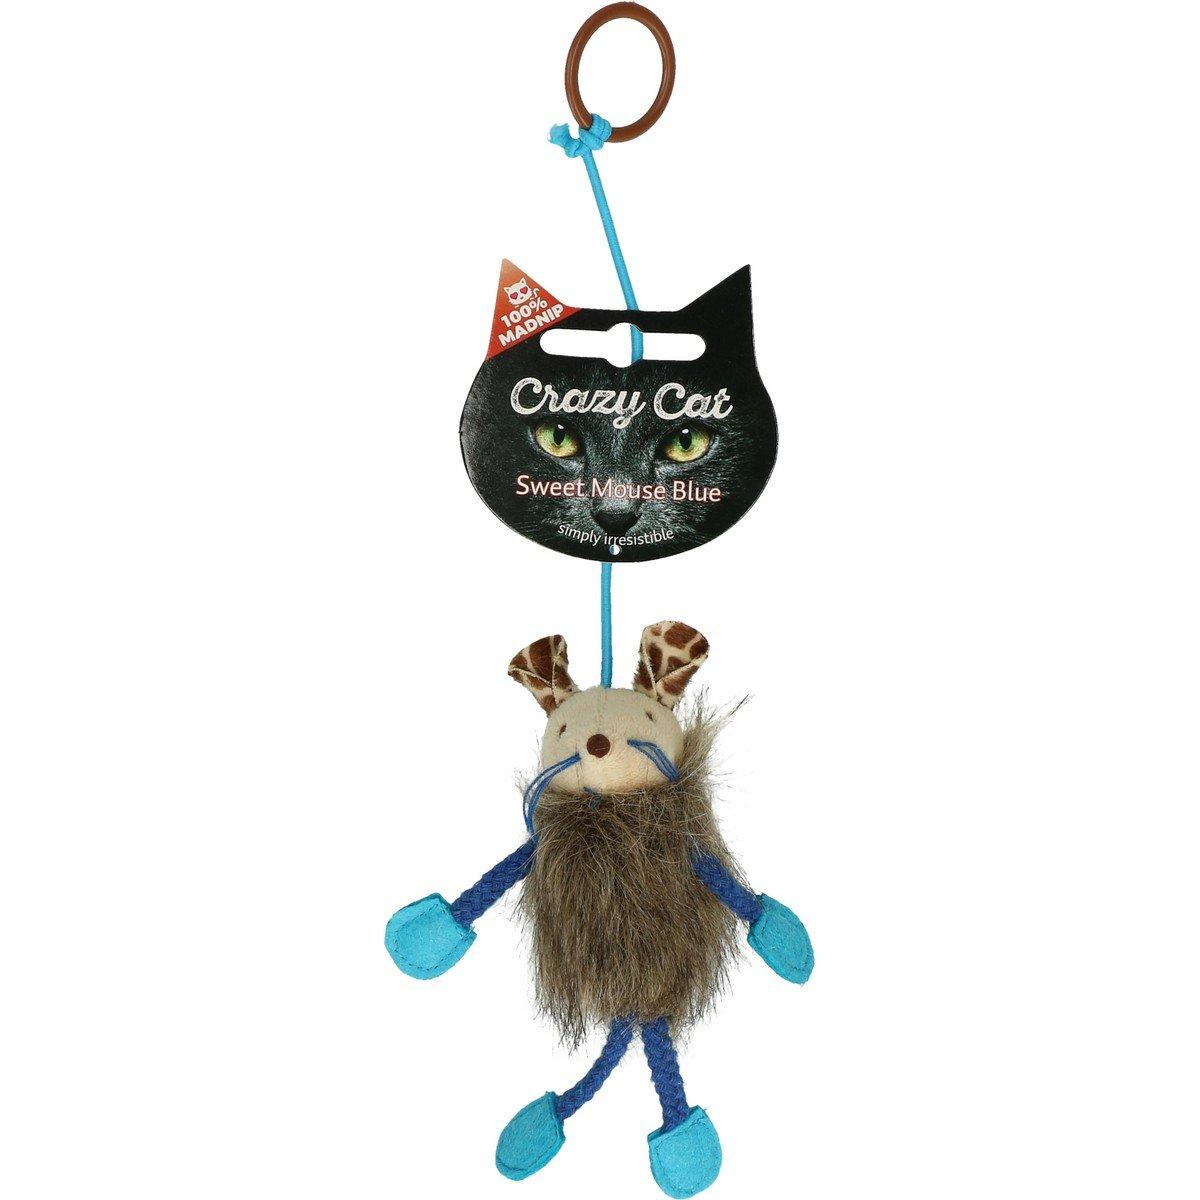 Afbeelding van Crazy Cat Sweet Mouse Vol met Madnip Blauw